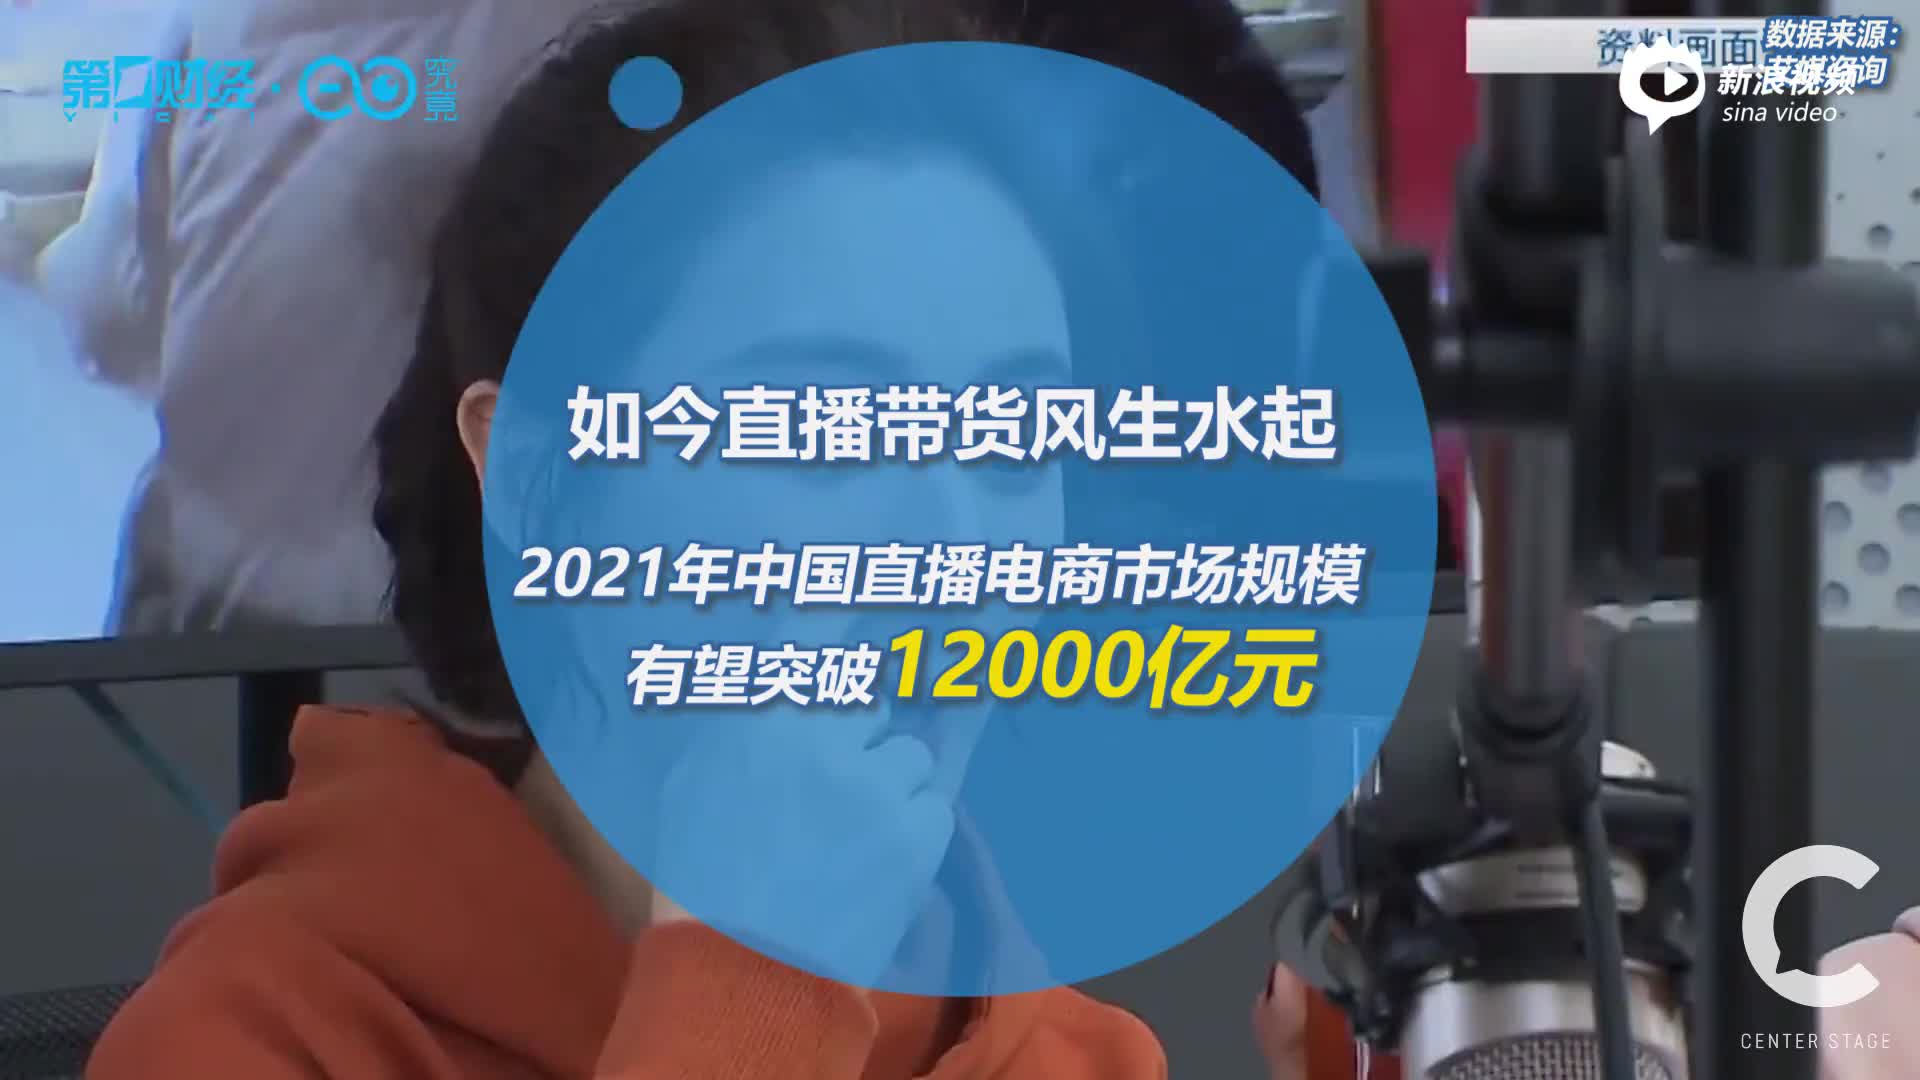 薇娅李佳琦公司均否认IPO传闻,直播带货说不好故事吗?